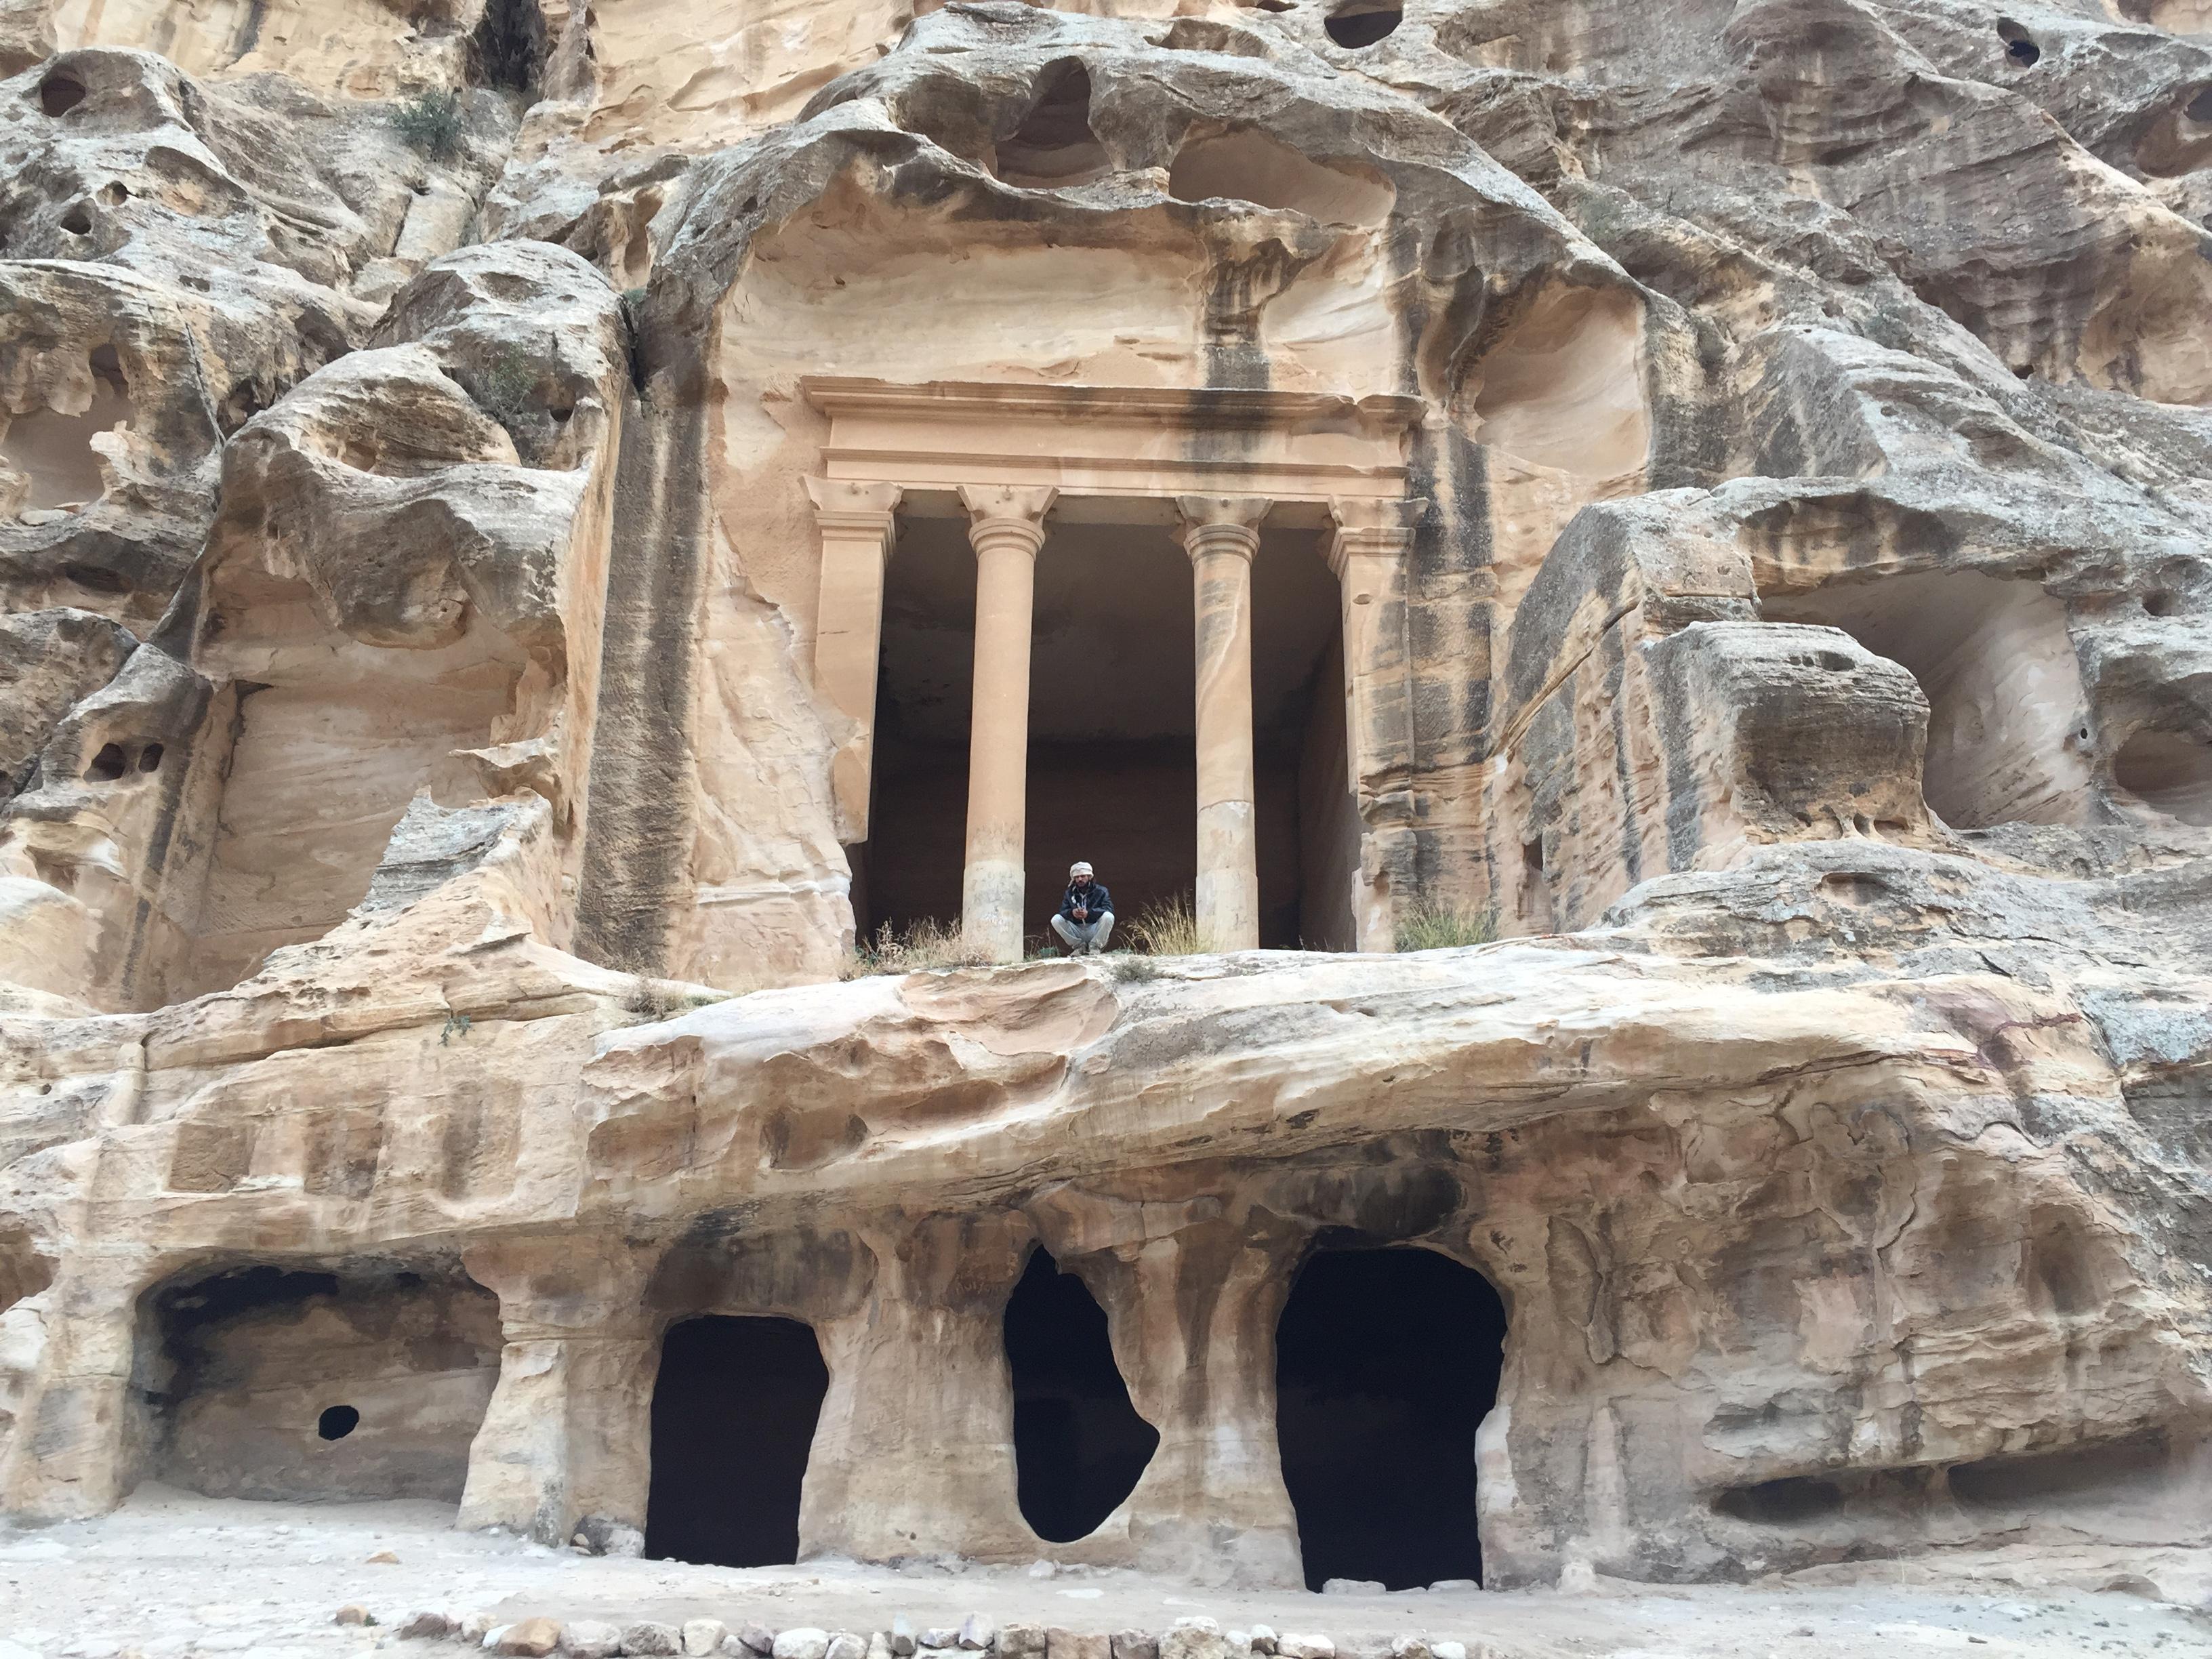 Un morador de la pequeña Petra tocando la flauta dentro de una cueva